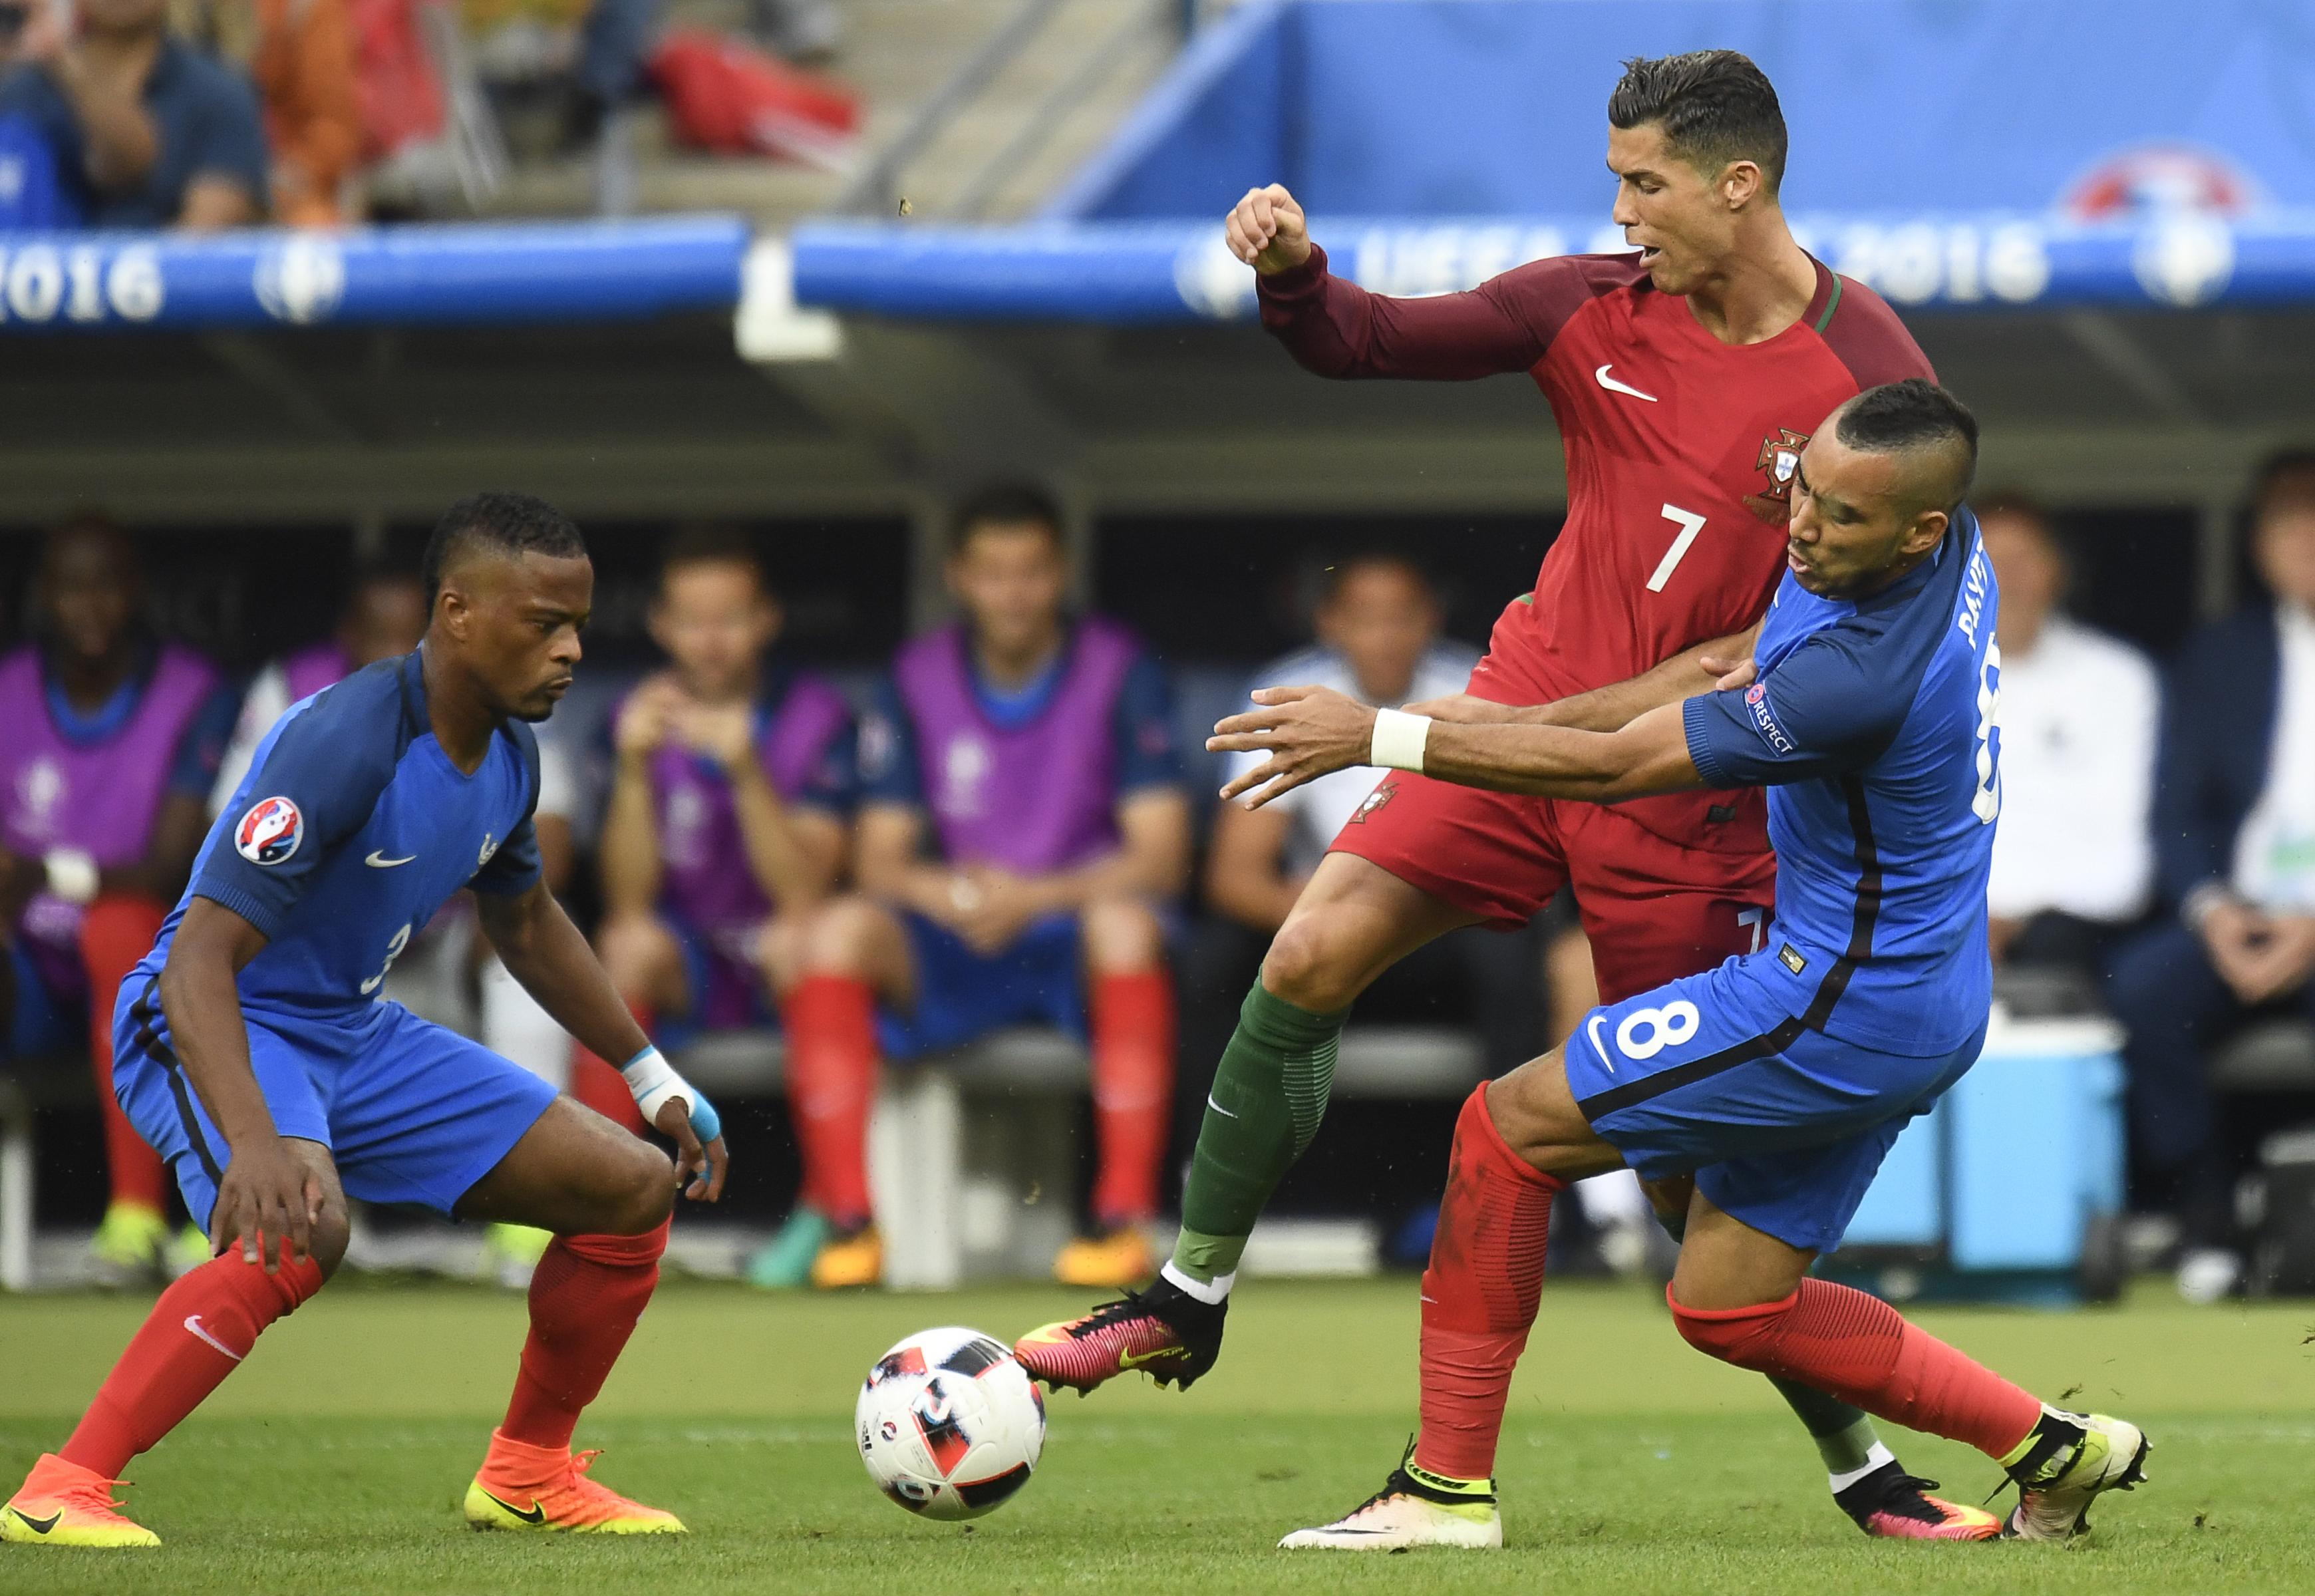 法國後衛艾拉(左)、法國前鋒皮耶與葡萄隊主將C.朗(中)在比賽中。(PHILIPPE DESMAZES/AFP)